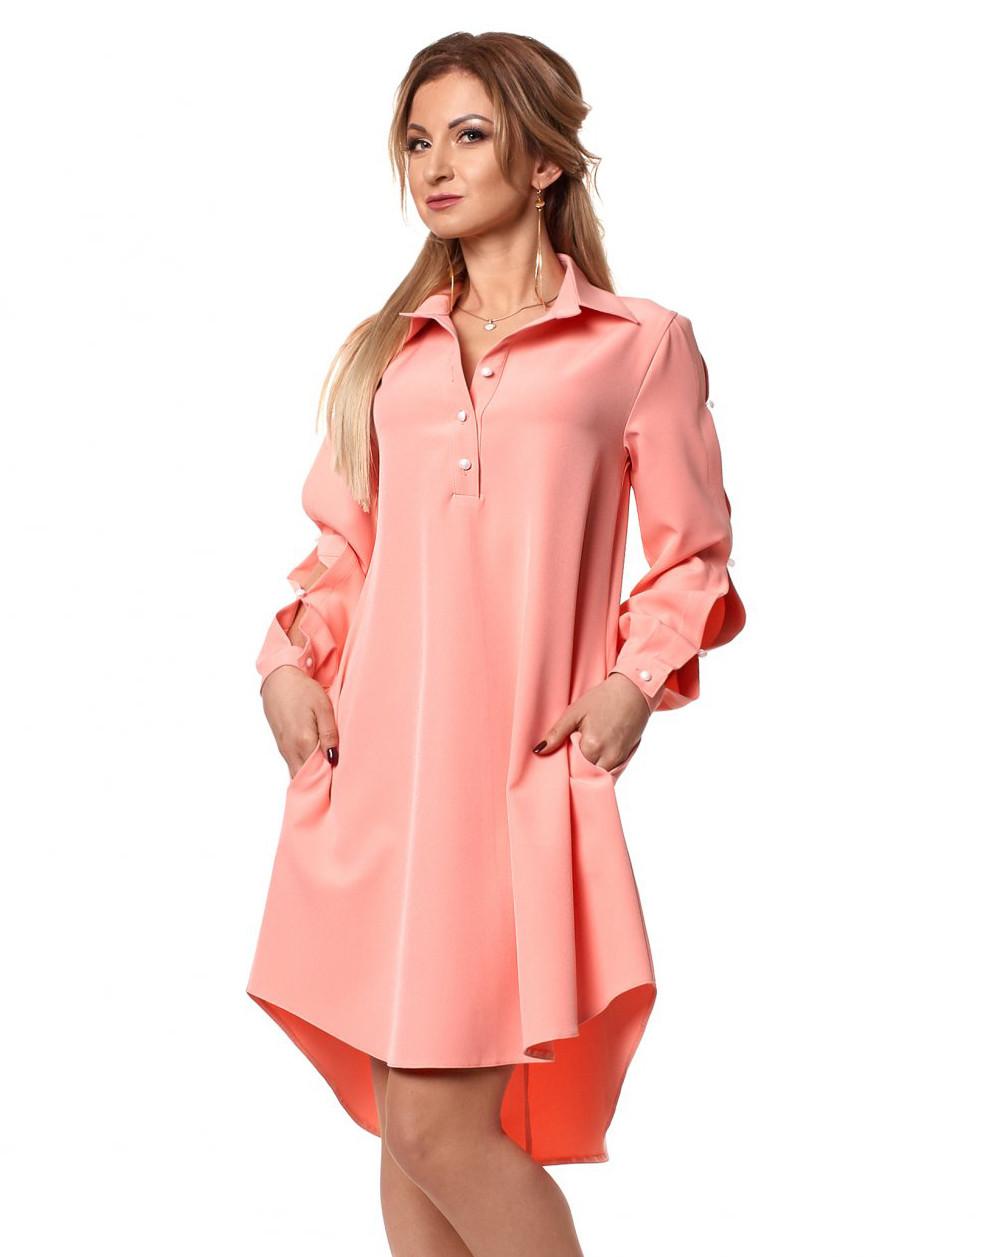 a741d3607f4 Женское платье-рубашка пудрового цвета с длинным рукавом. Модель 1051 SL.  Размеры 42